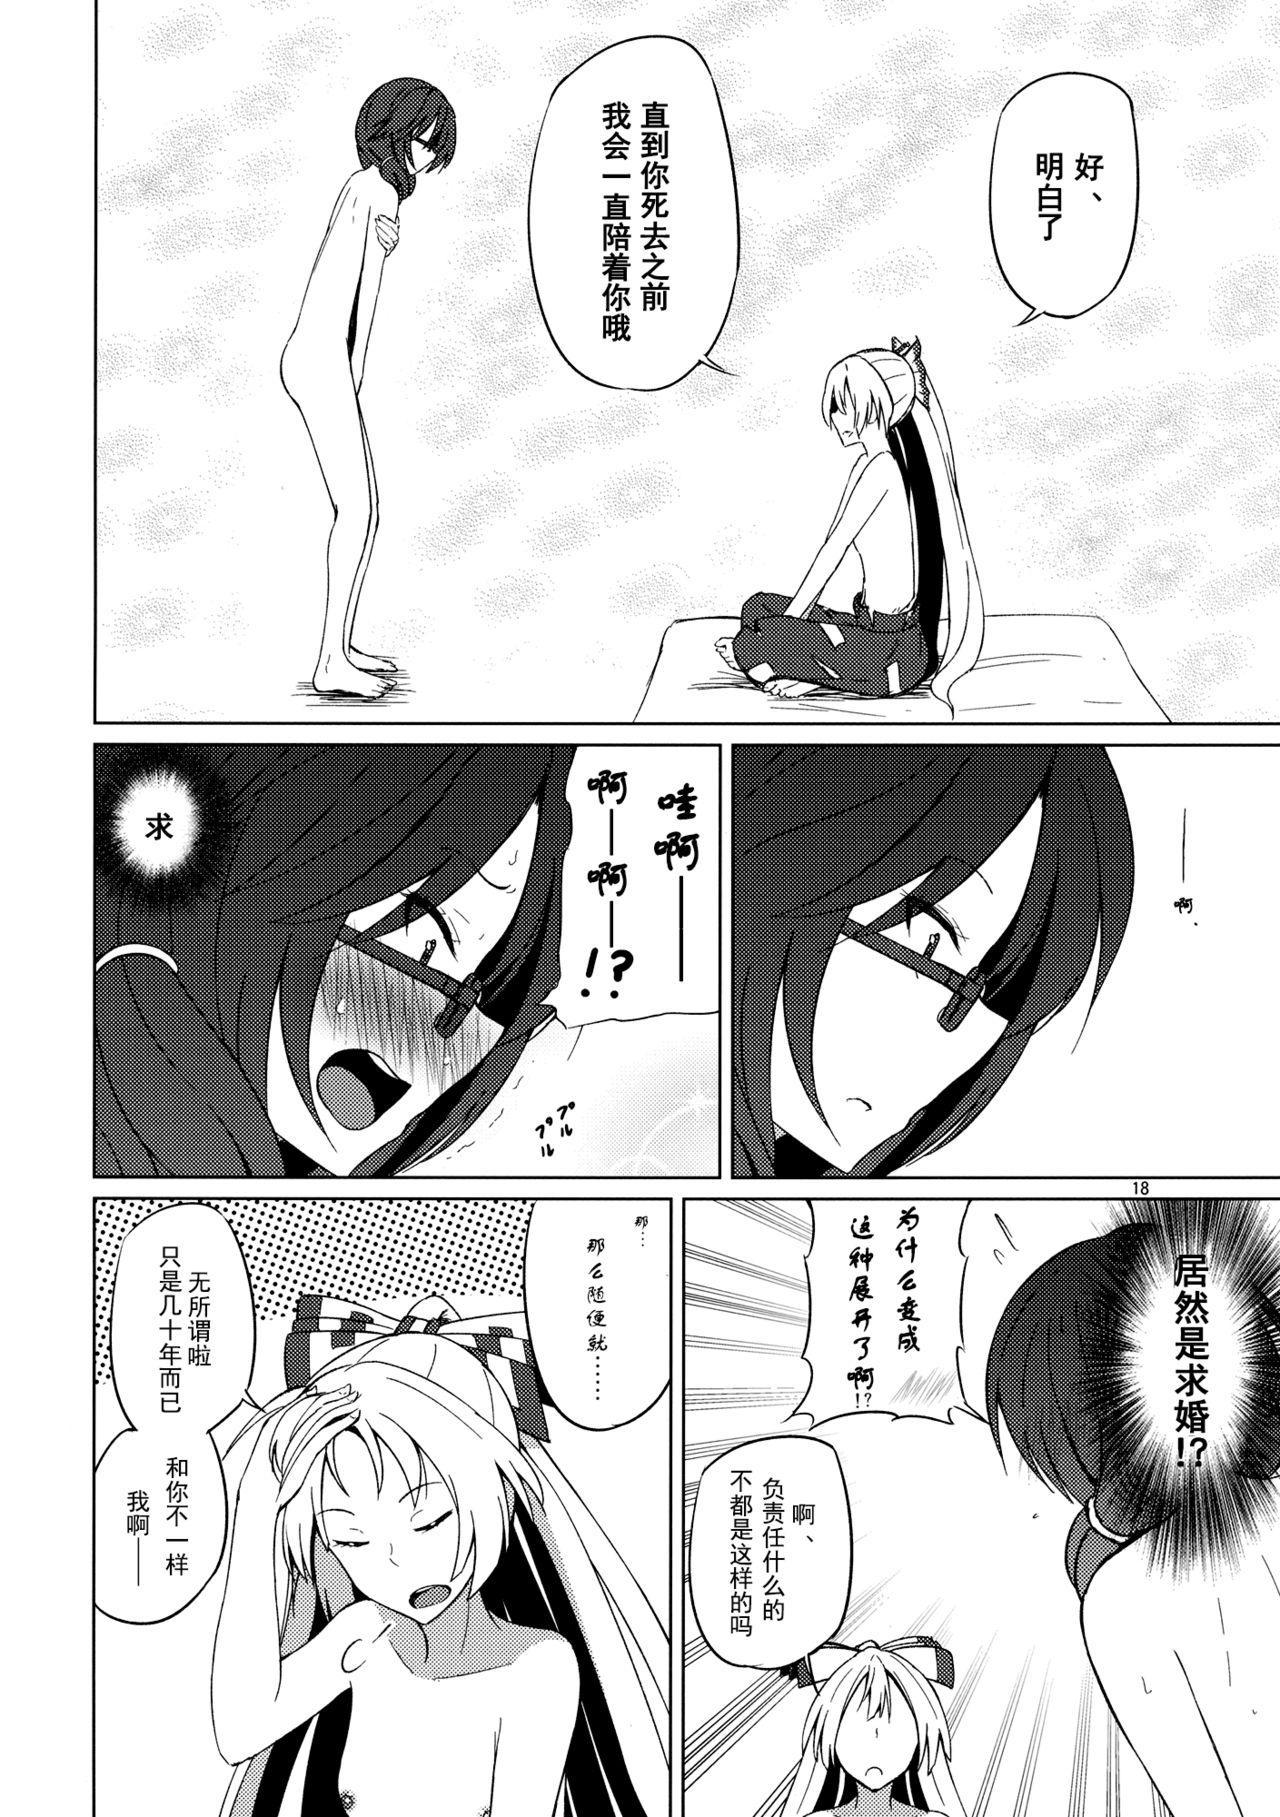 Onnanoko Doushi nante Zettai Okashii!! 16